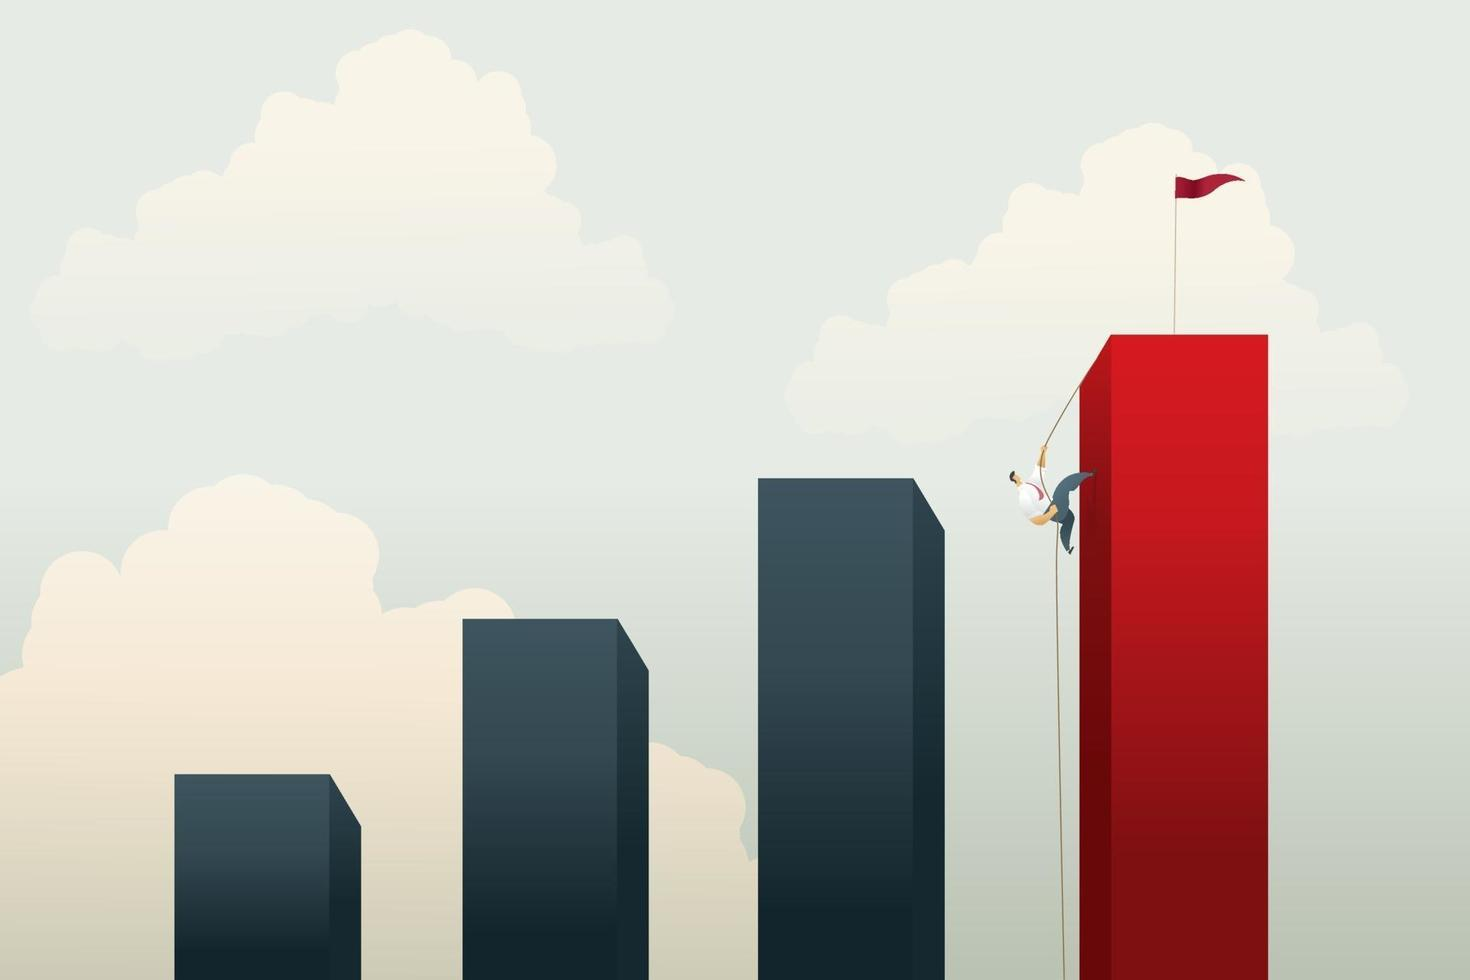 empresários escalando um penhasco vetor